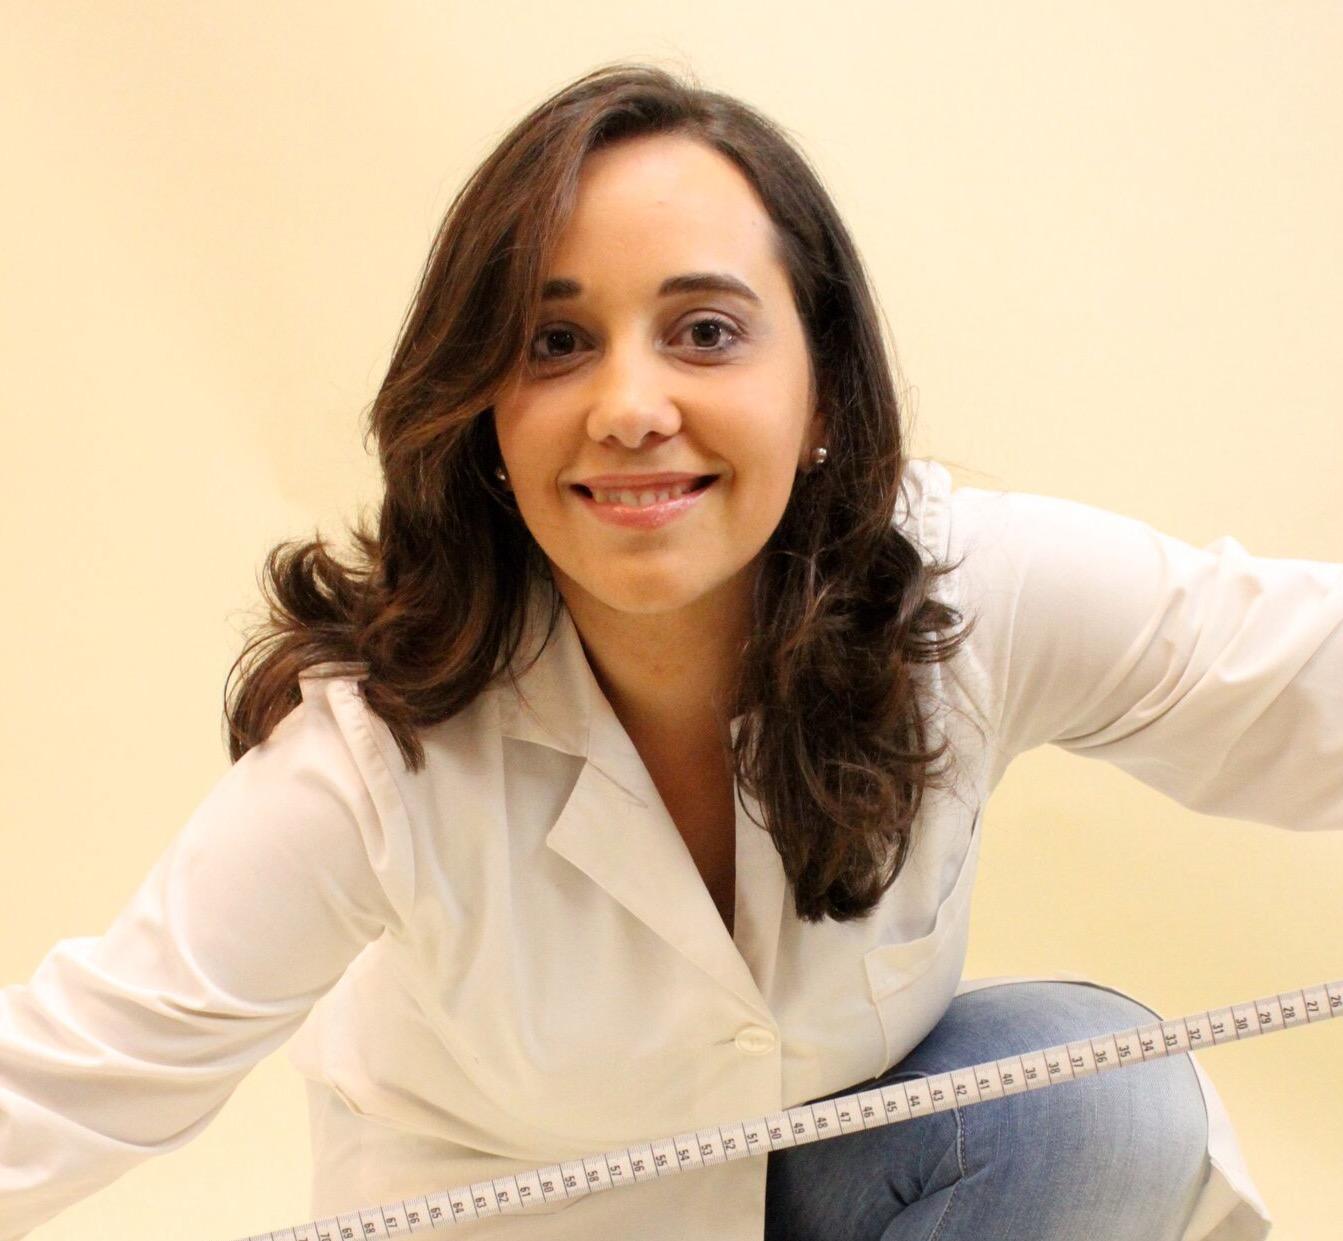 Ana Sofia Guerra